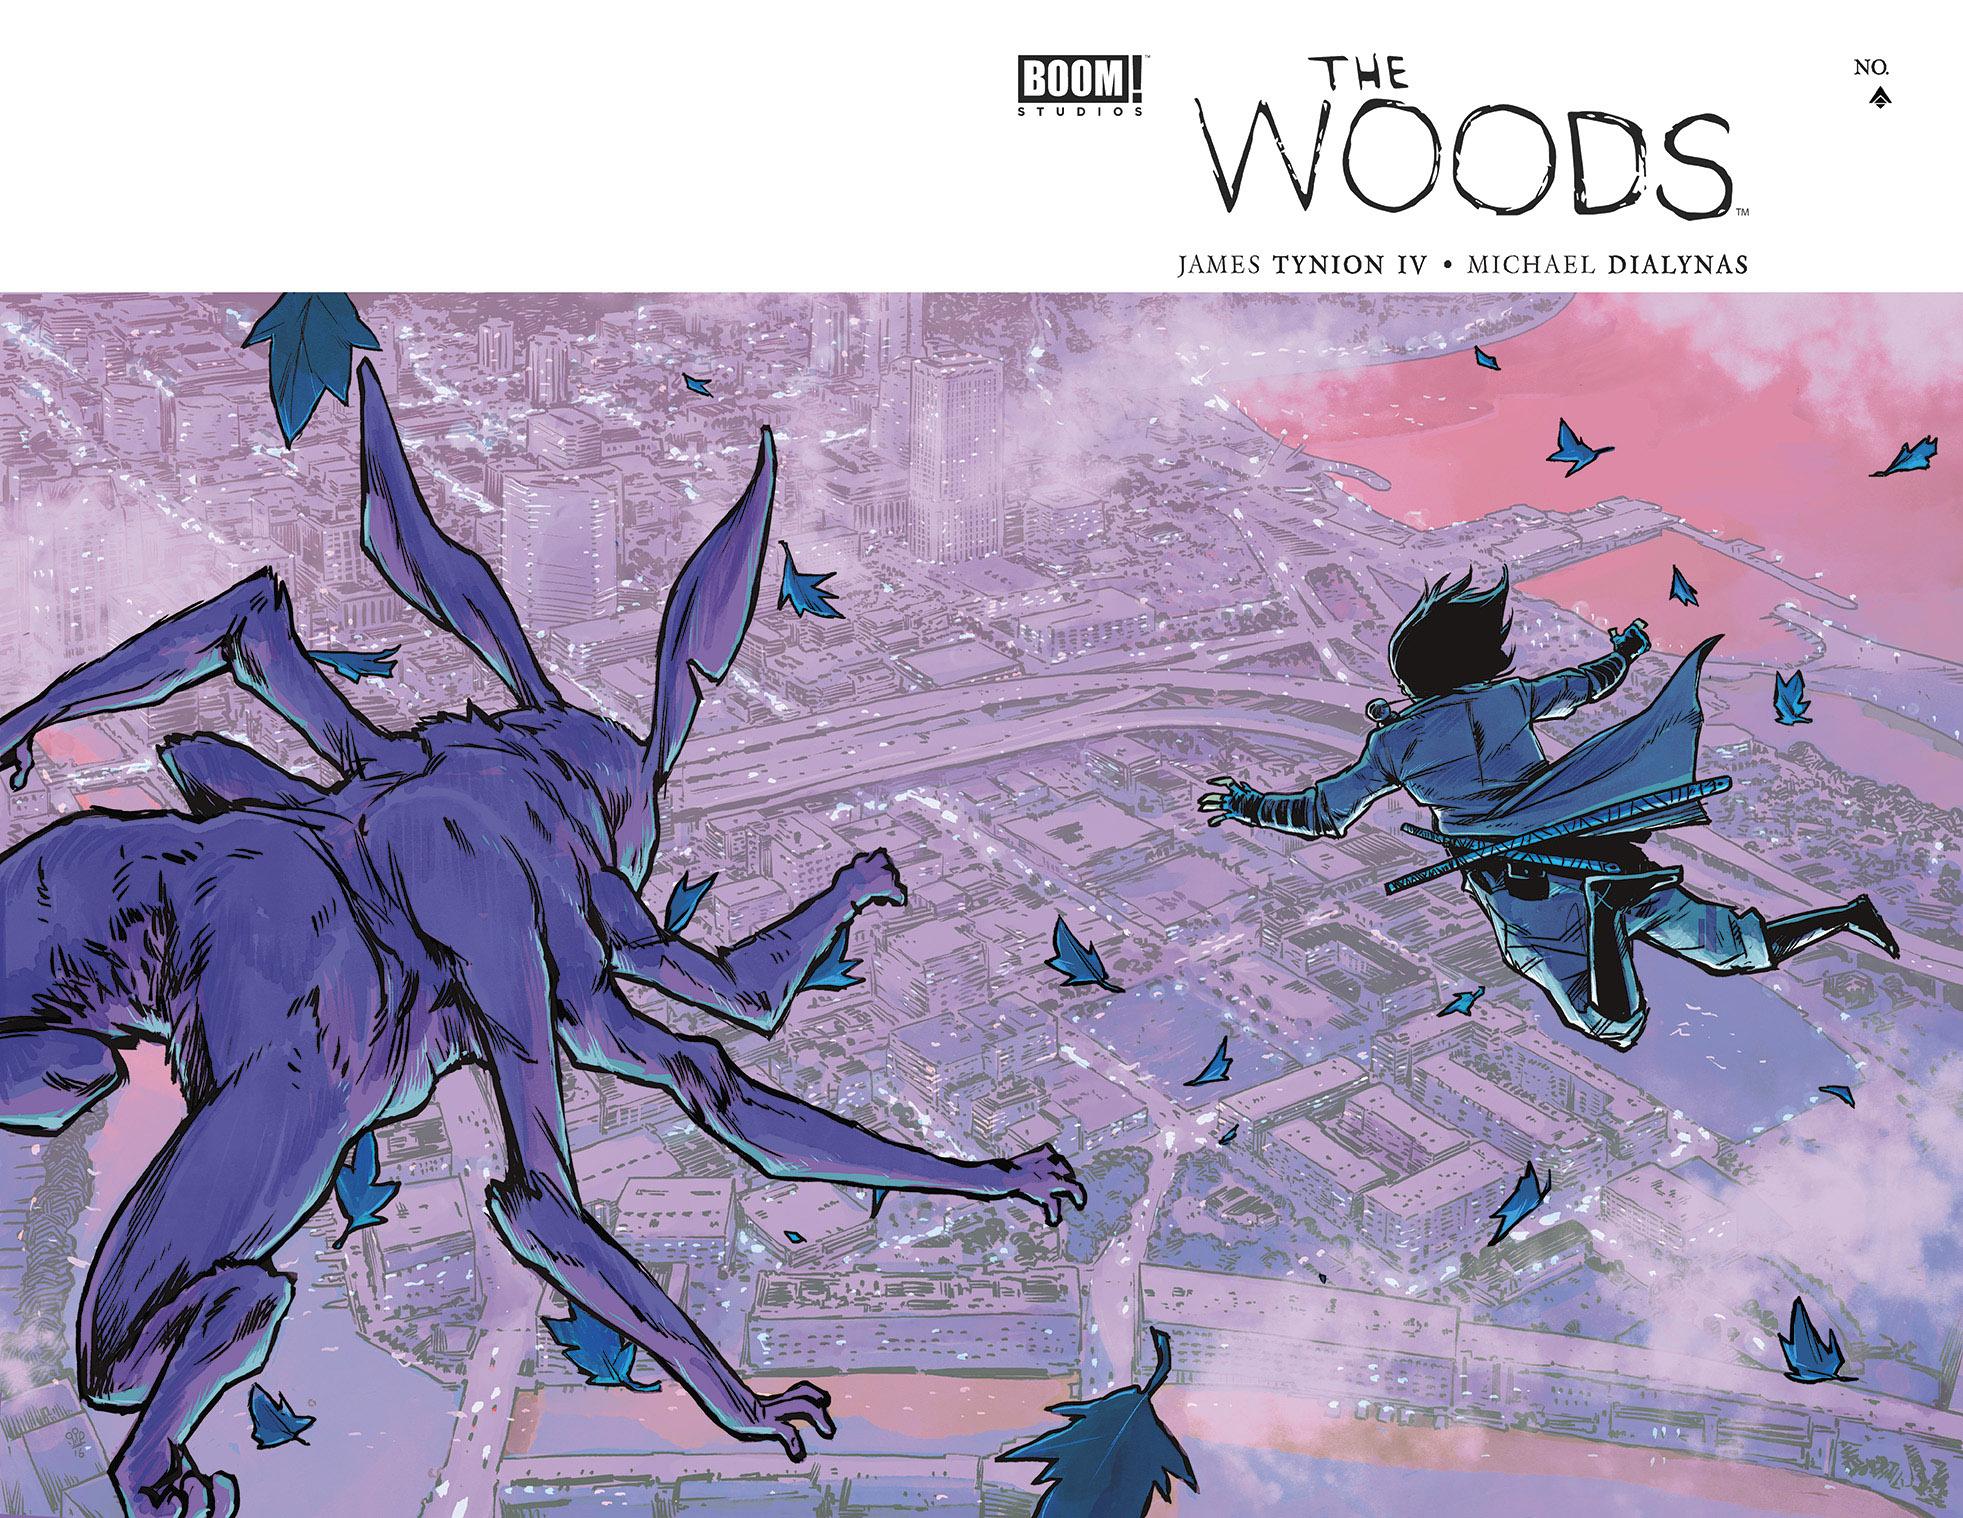 WOODS_VOLUME8_EDIT_FINAL.jpg